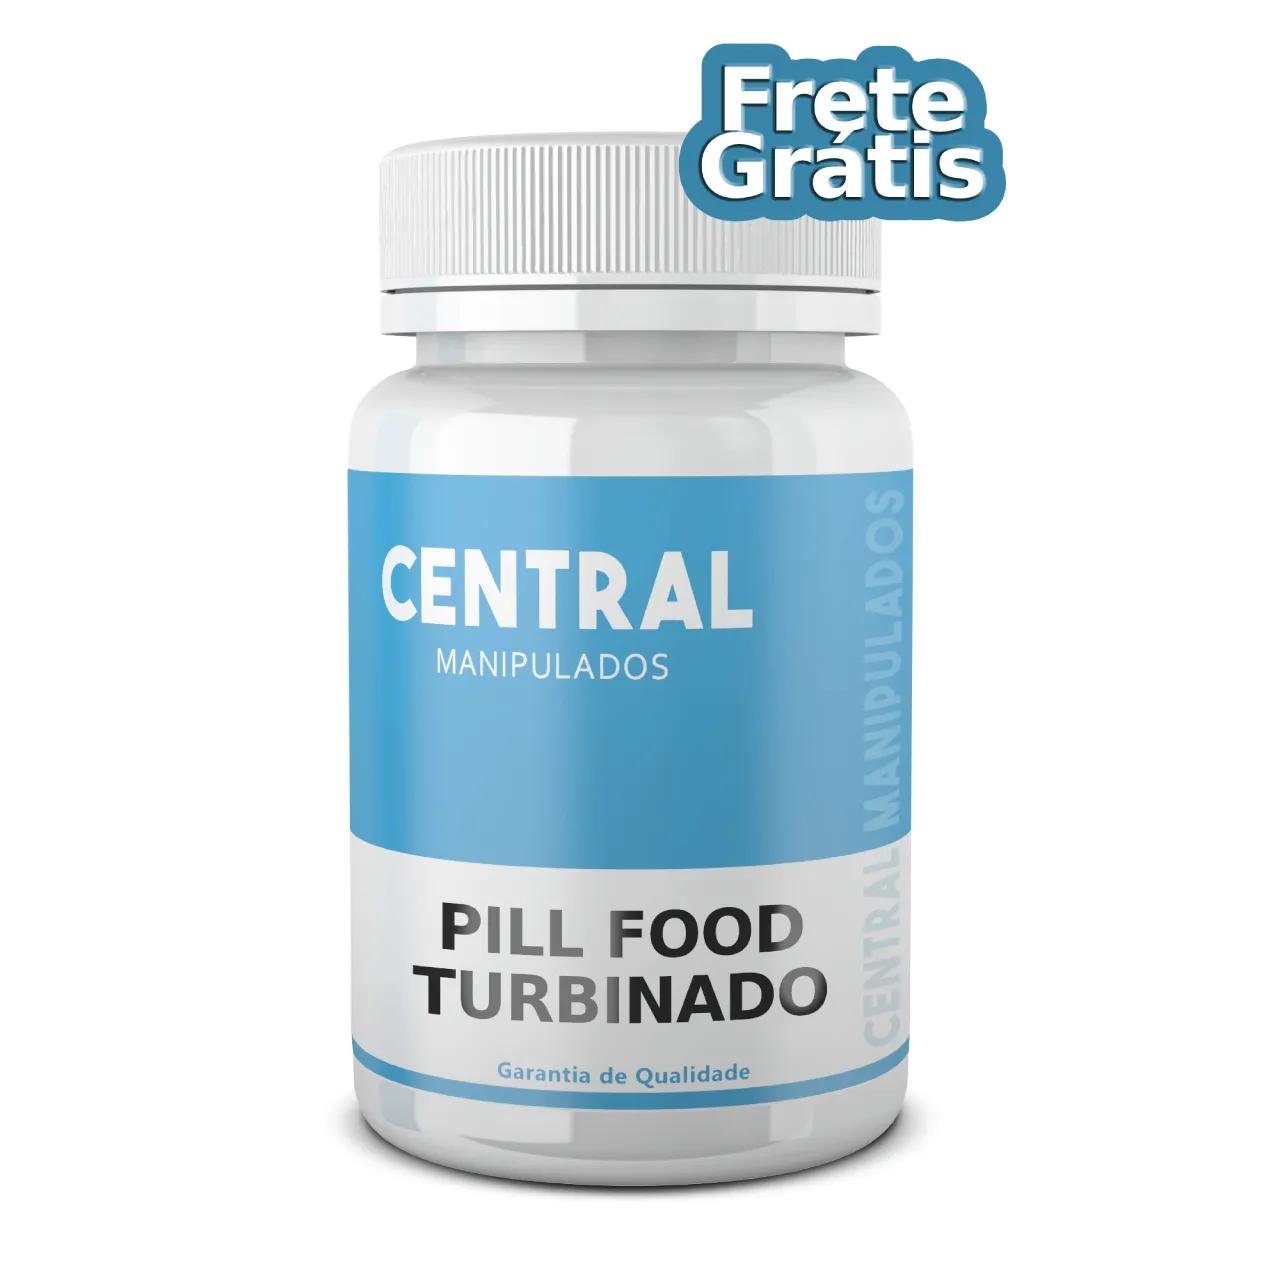 Pill Food Turbinado - 240 cápsulas - complexo vitamínico - FRETE GRÁTIS*